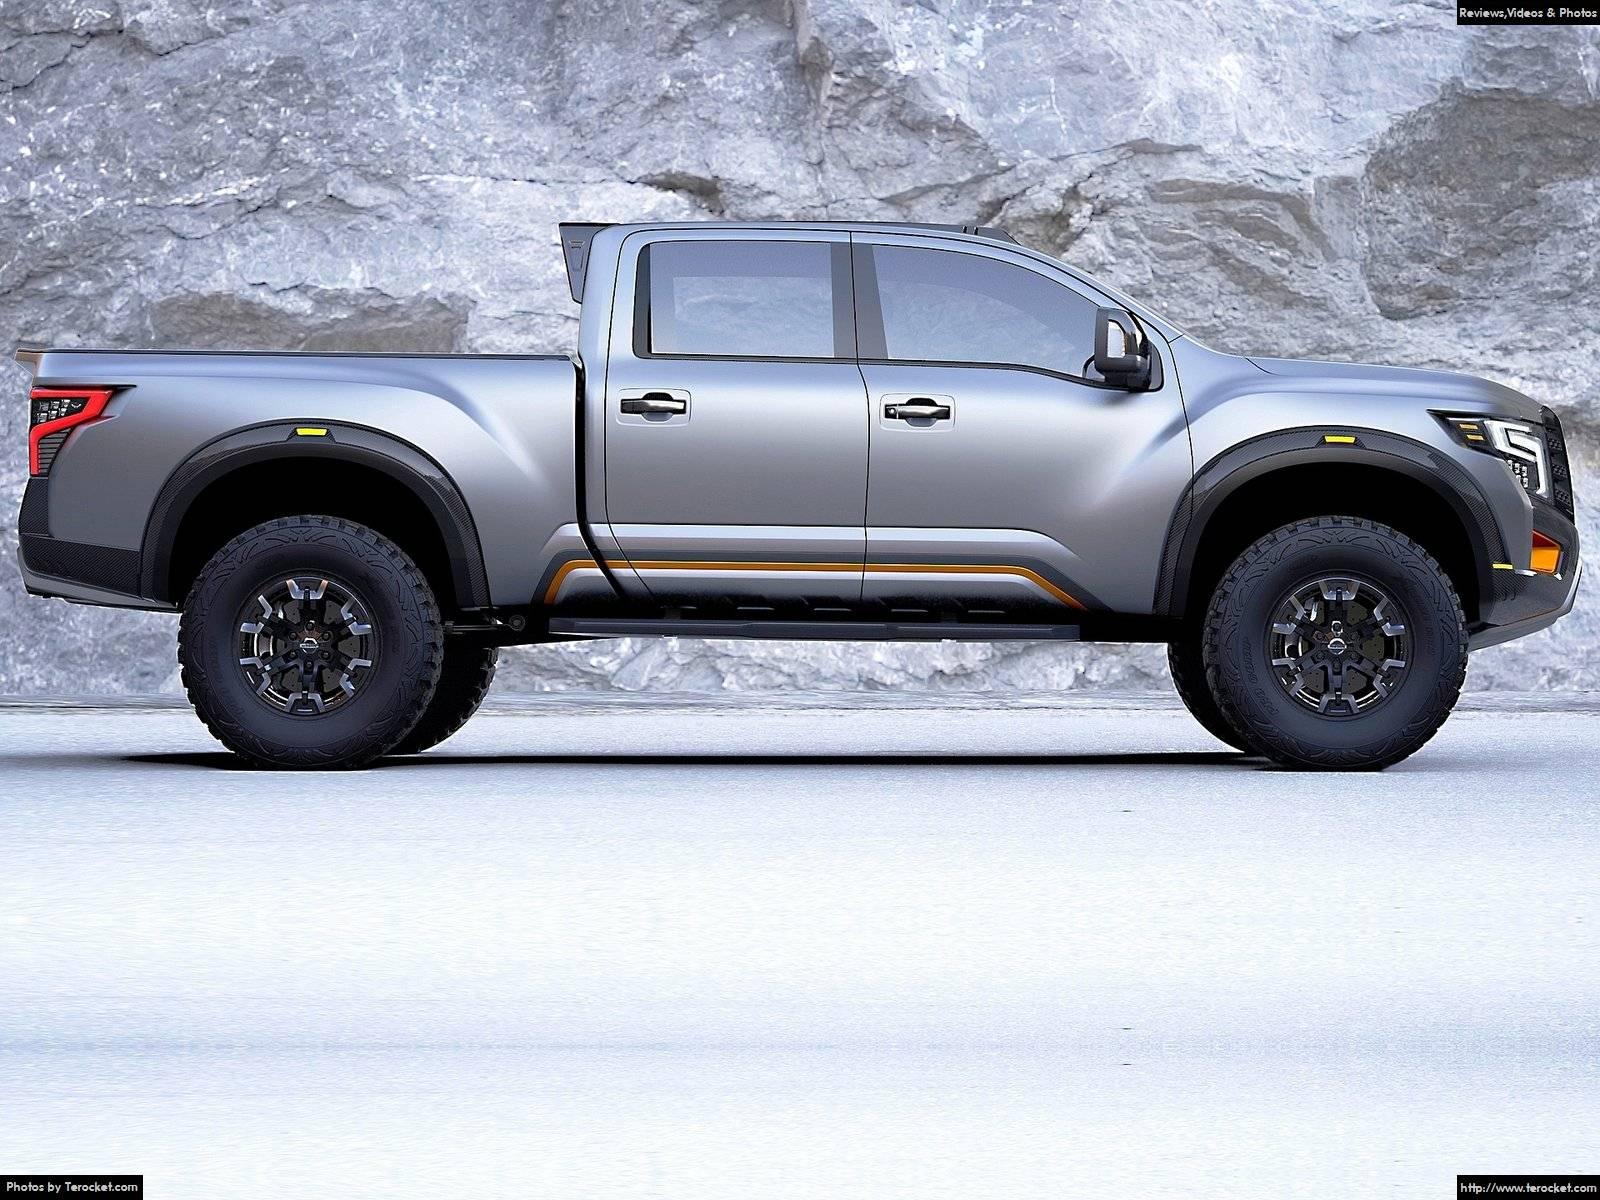 Hình ảnh xe ô tô Nissan Titan Warrior Concept 2016 & nội ngoại thất